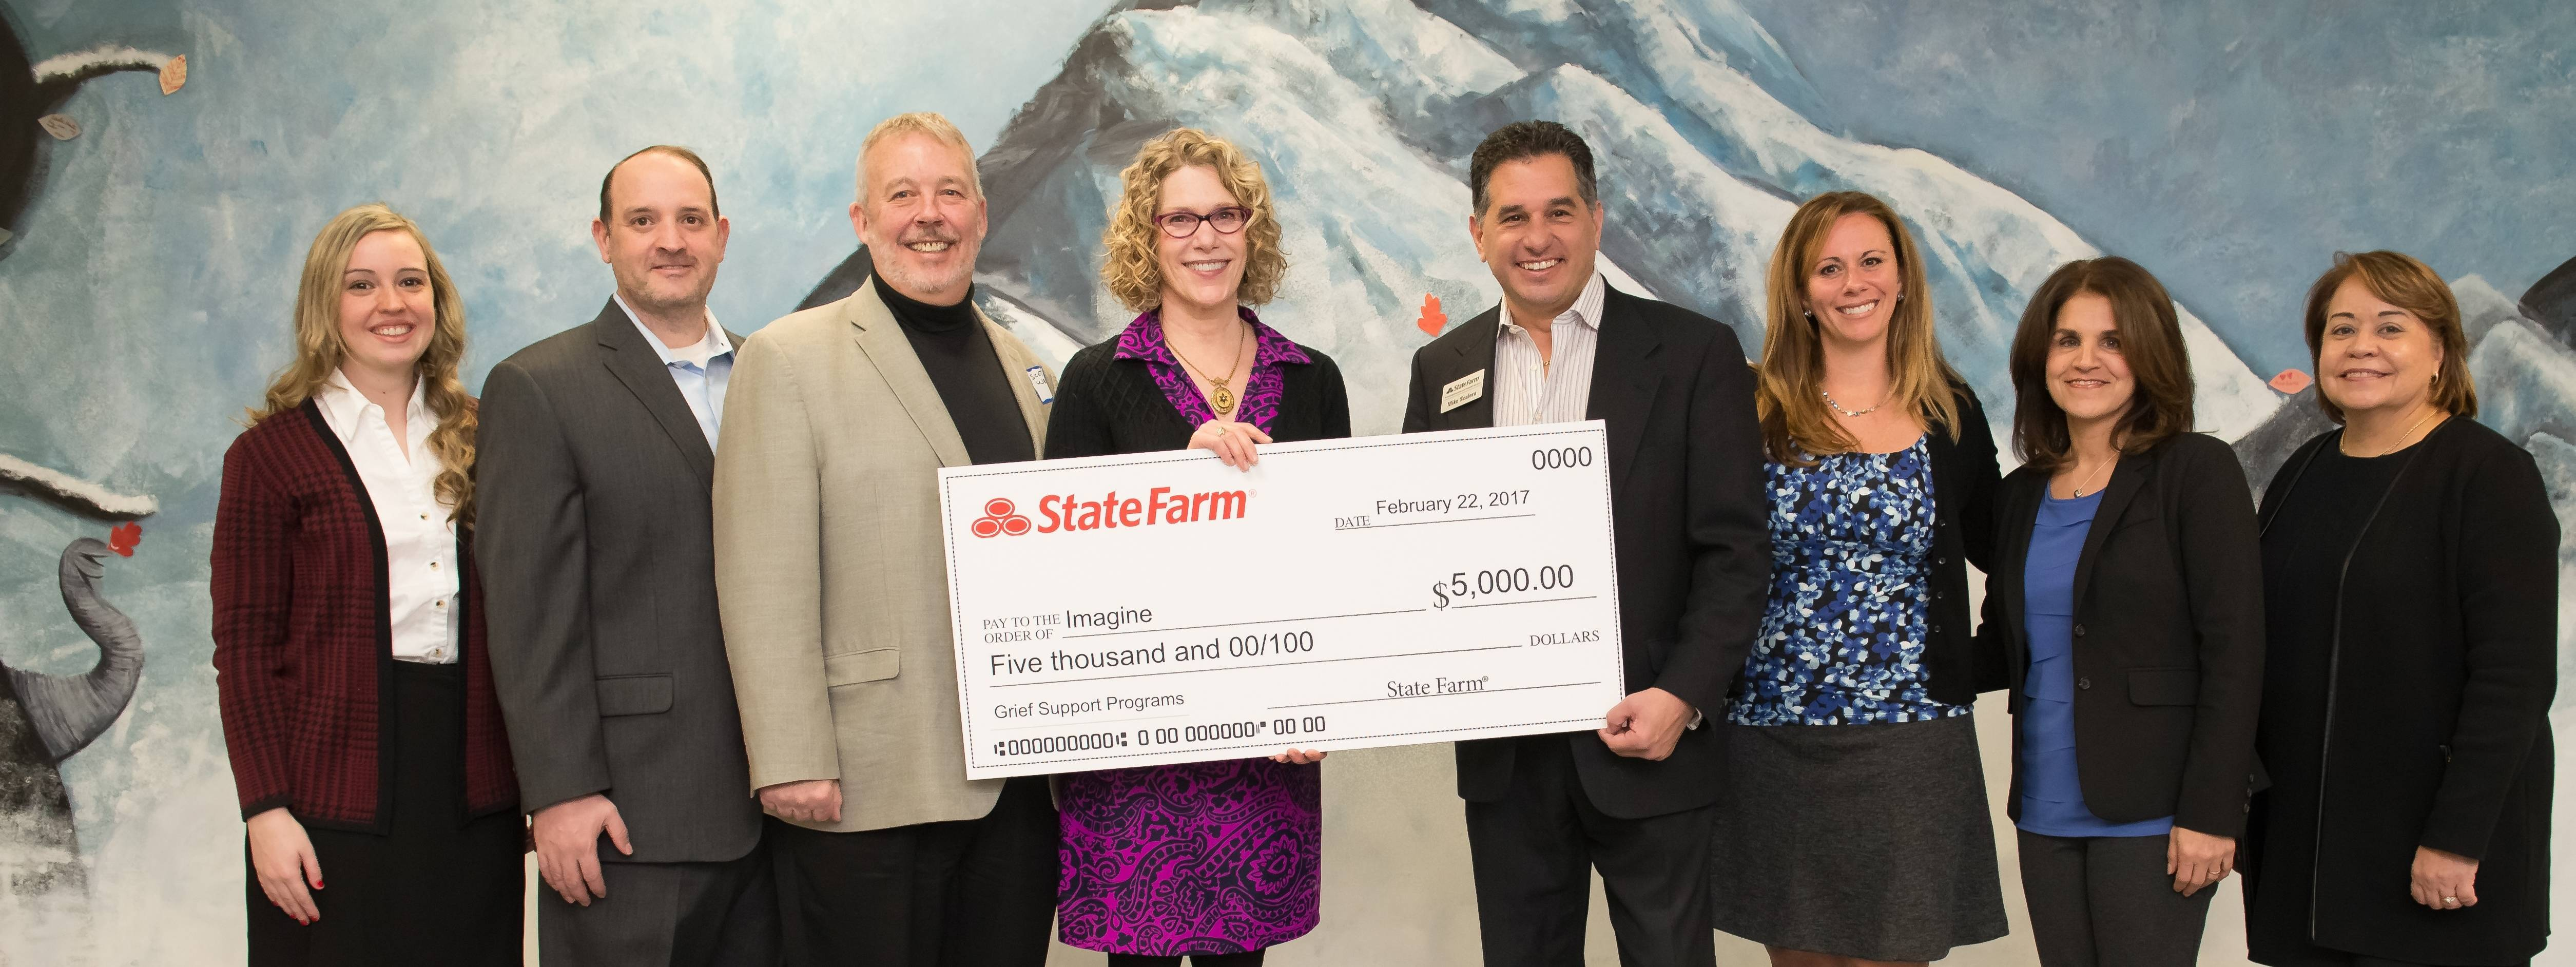 45e95901d7bc58b0b15a_State_Farm_Grant_Award_2017__2_.jpg